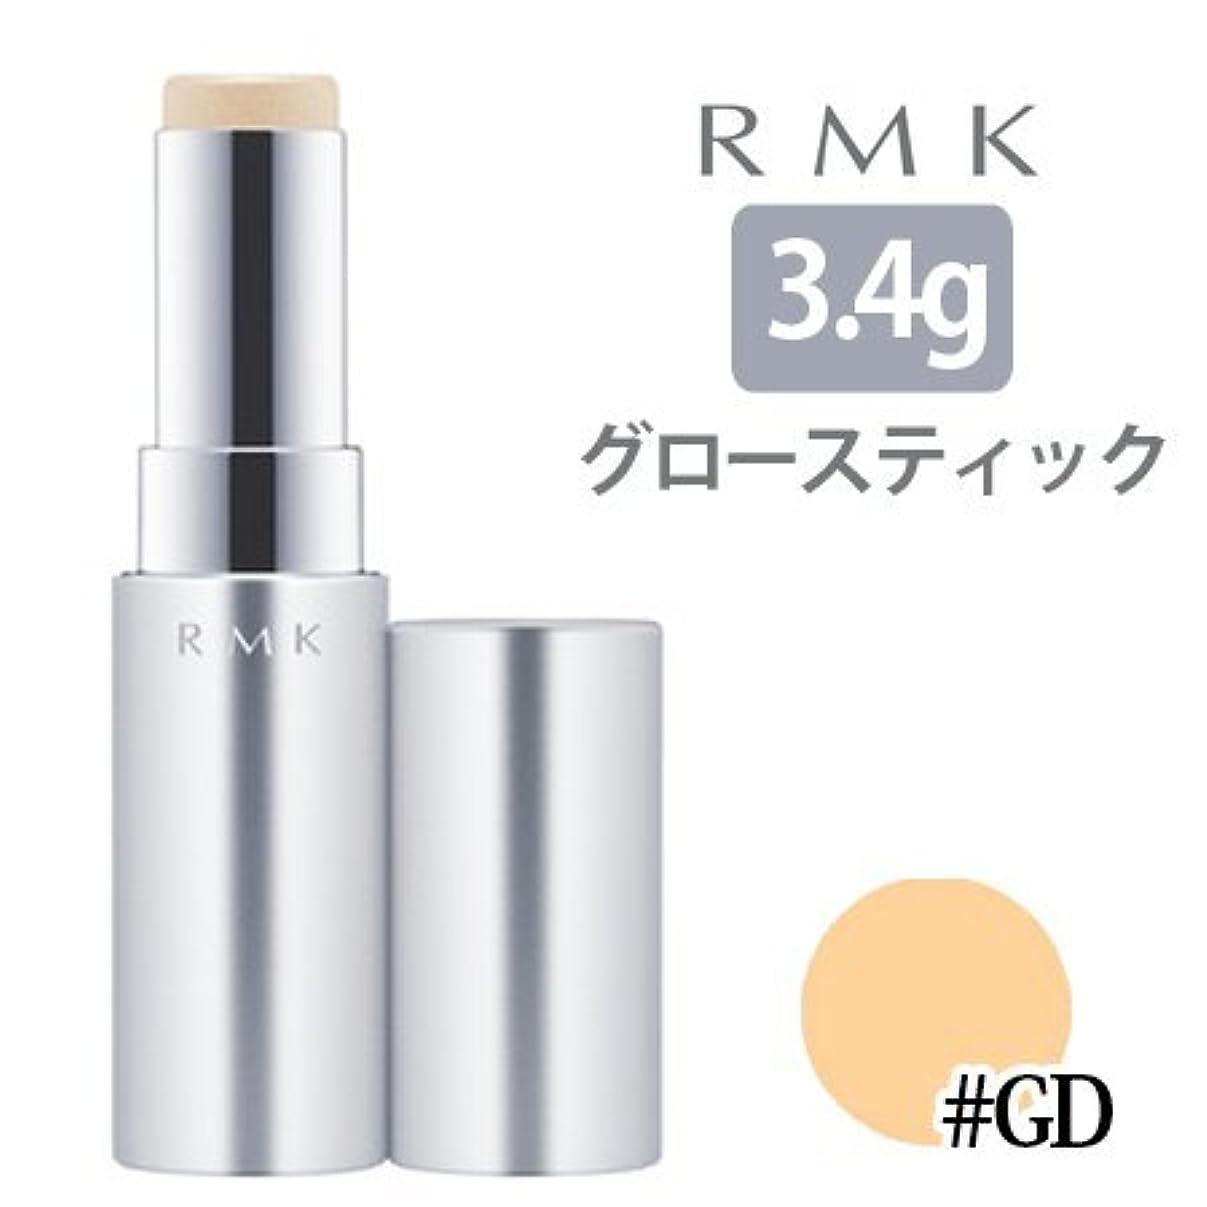 褐色受ける溝RMK グロースティック GD【国内正規品】